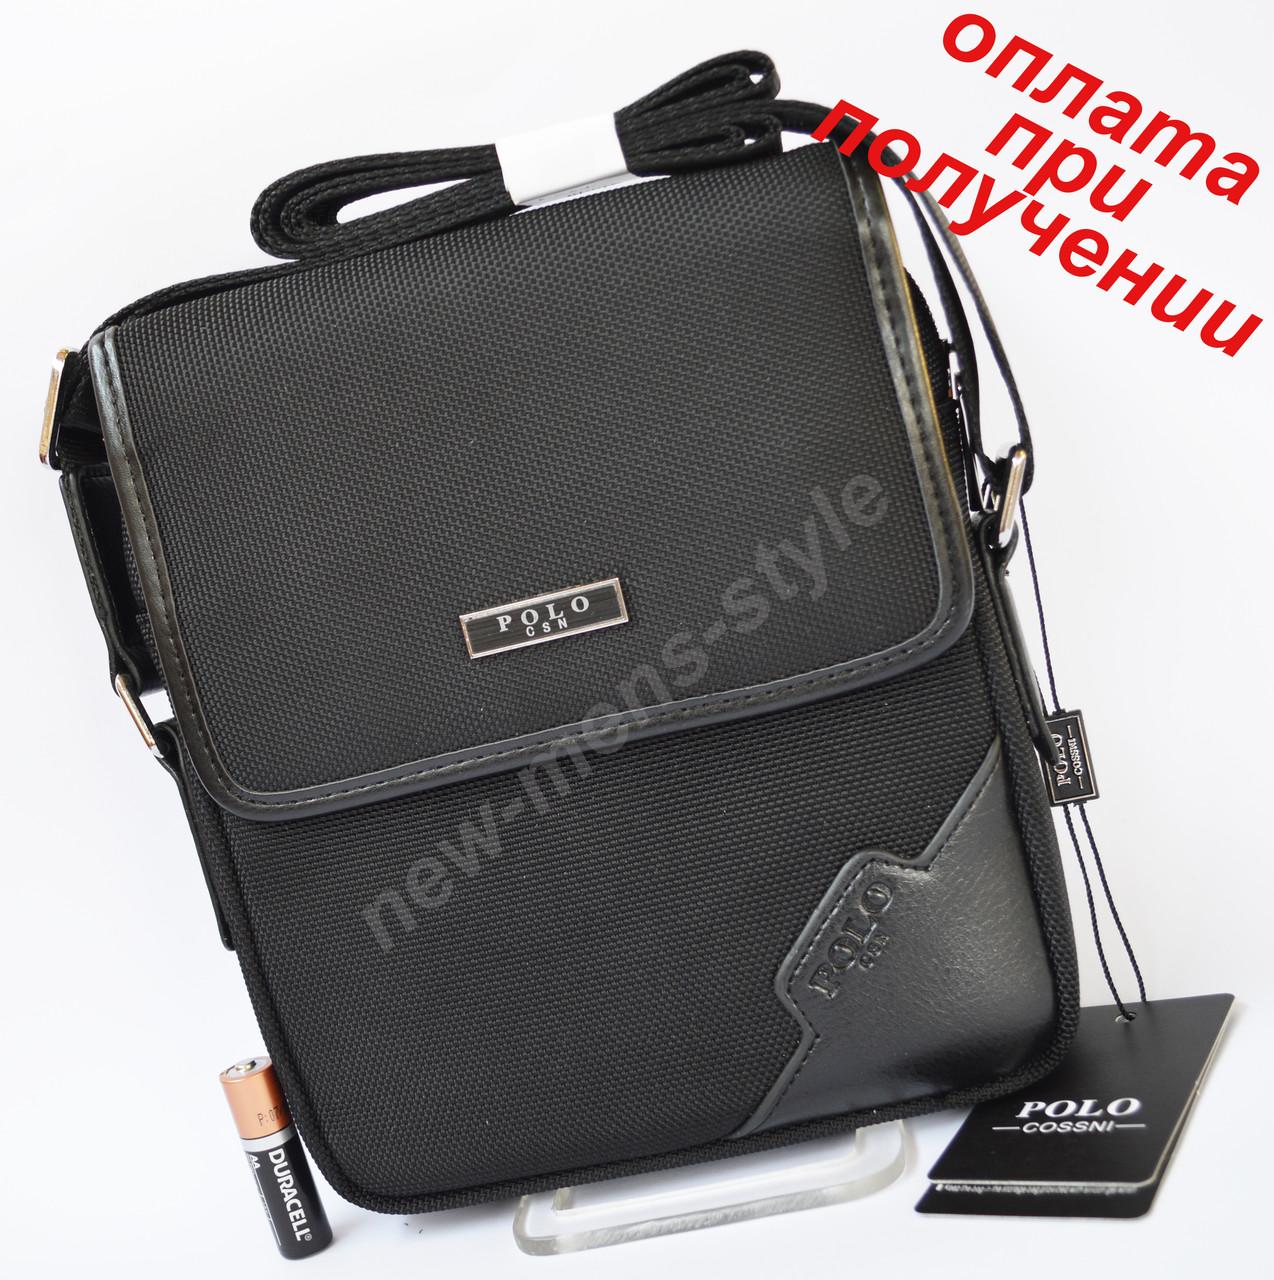 6f0291e68e67 Мужская тканевая спортивная сумка рюкзак бананка слинг на плечо POLO -